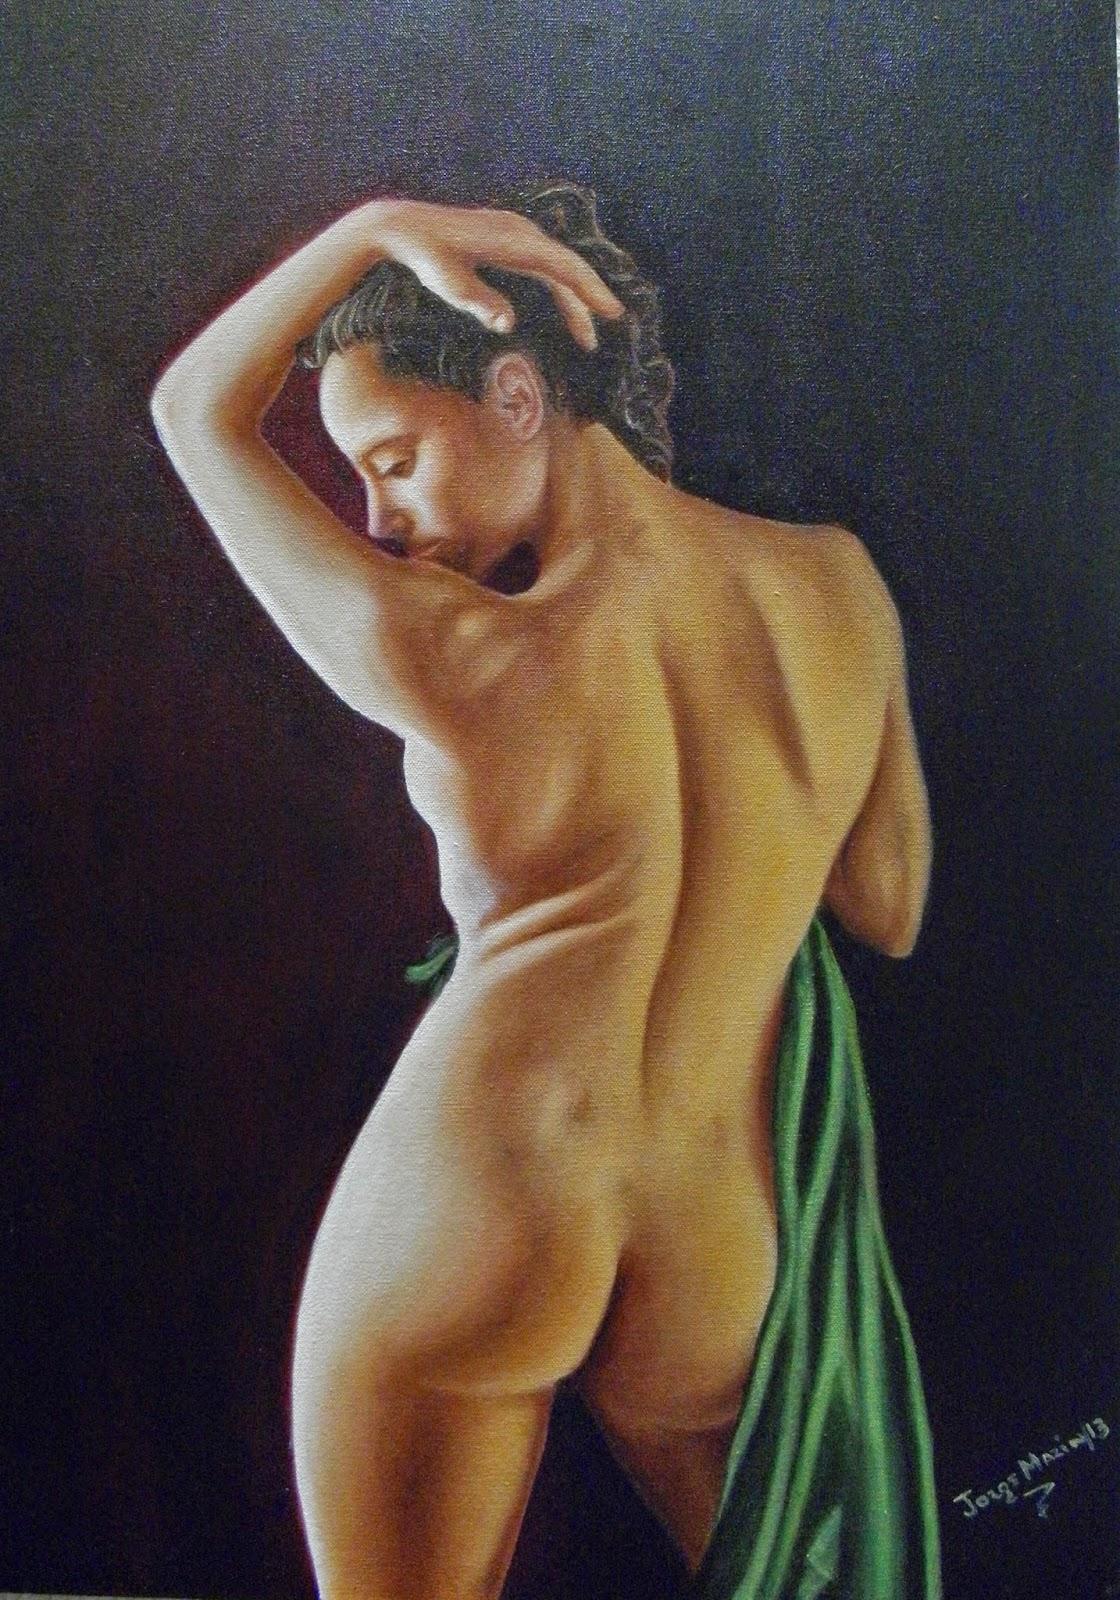 Pintura realista, Bárbara por Jorge Marín